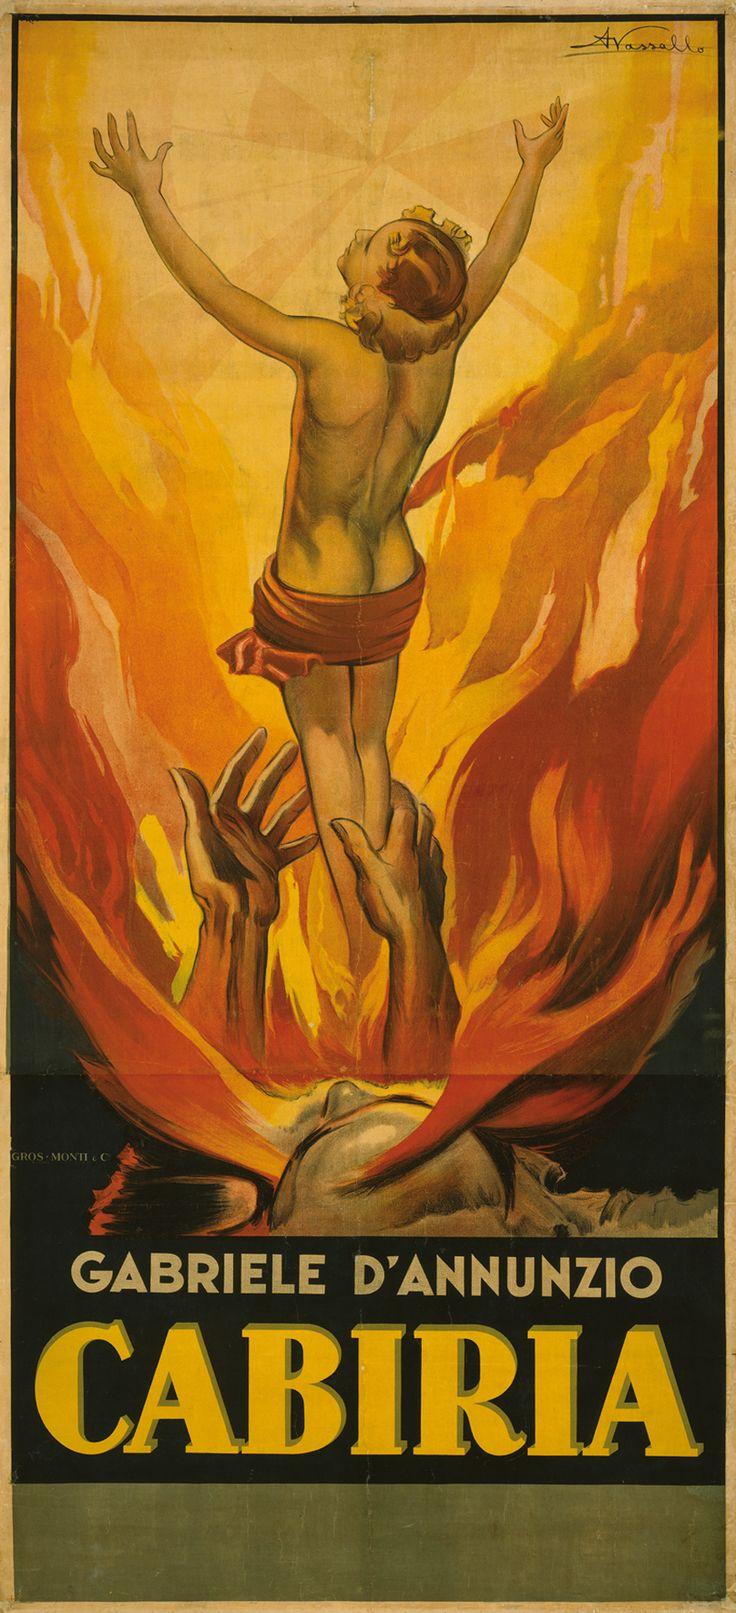 Manifesto litografico di Armando Vassallo per l'edizione sonorizzata, senza data (1931). Proprietà della Regione Piemonte, in comodato al Museo Nazionale del Cinema